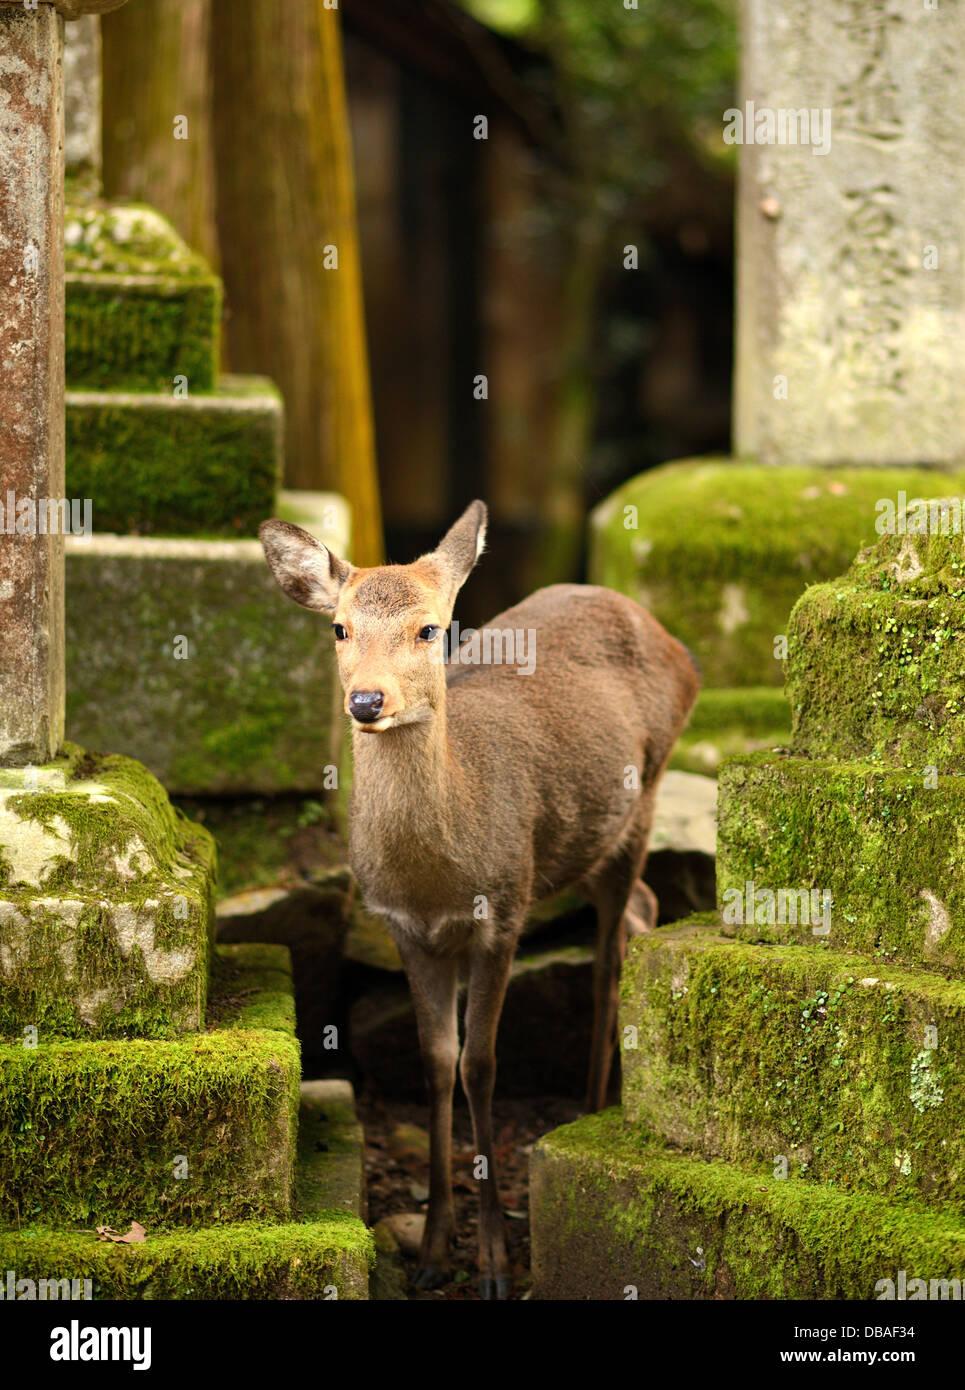 Nara deer roam free in Nara Park, Japan. - Stock Image